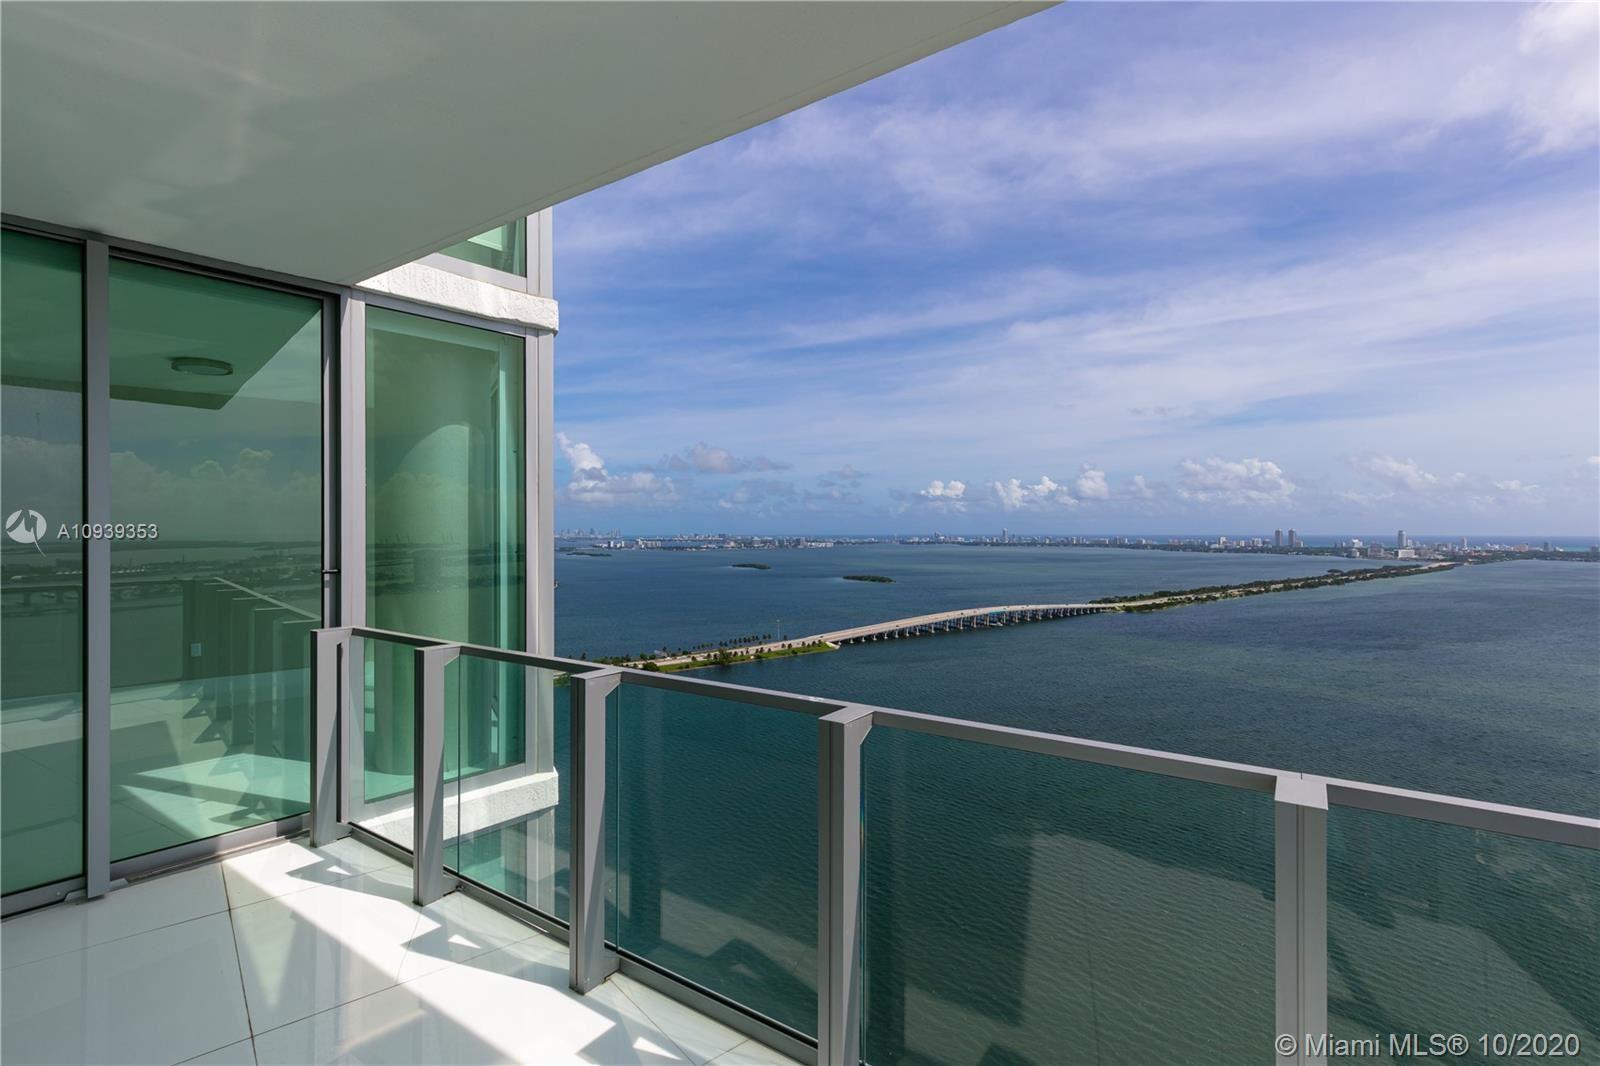 2900 NE 7th Ave #4407, Miami, FL 33137 - #: A10939353